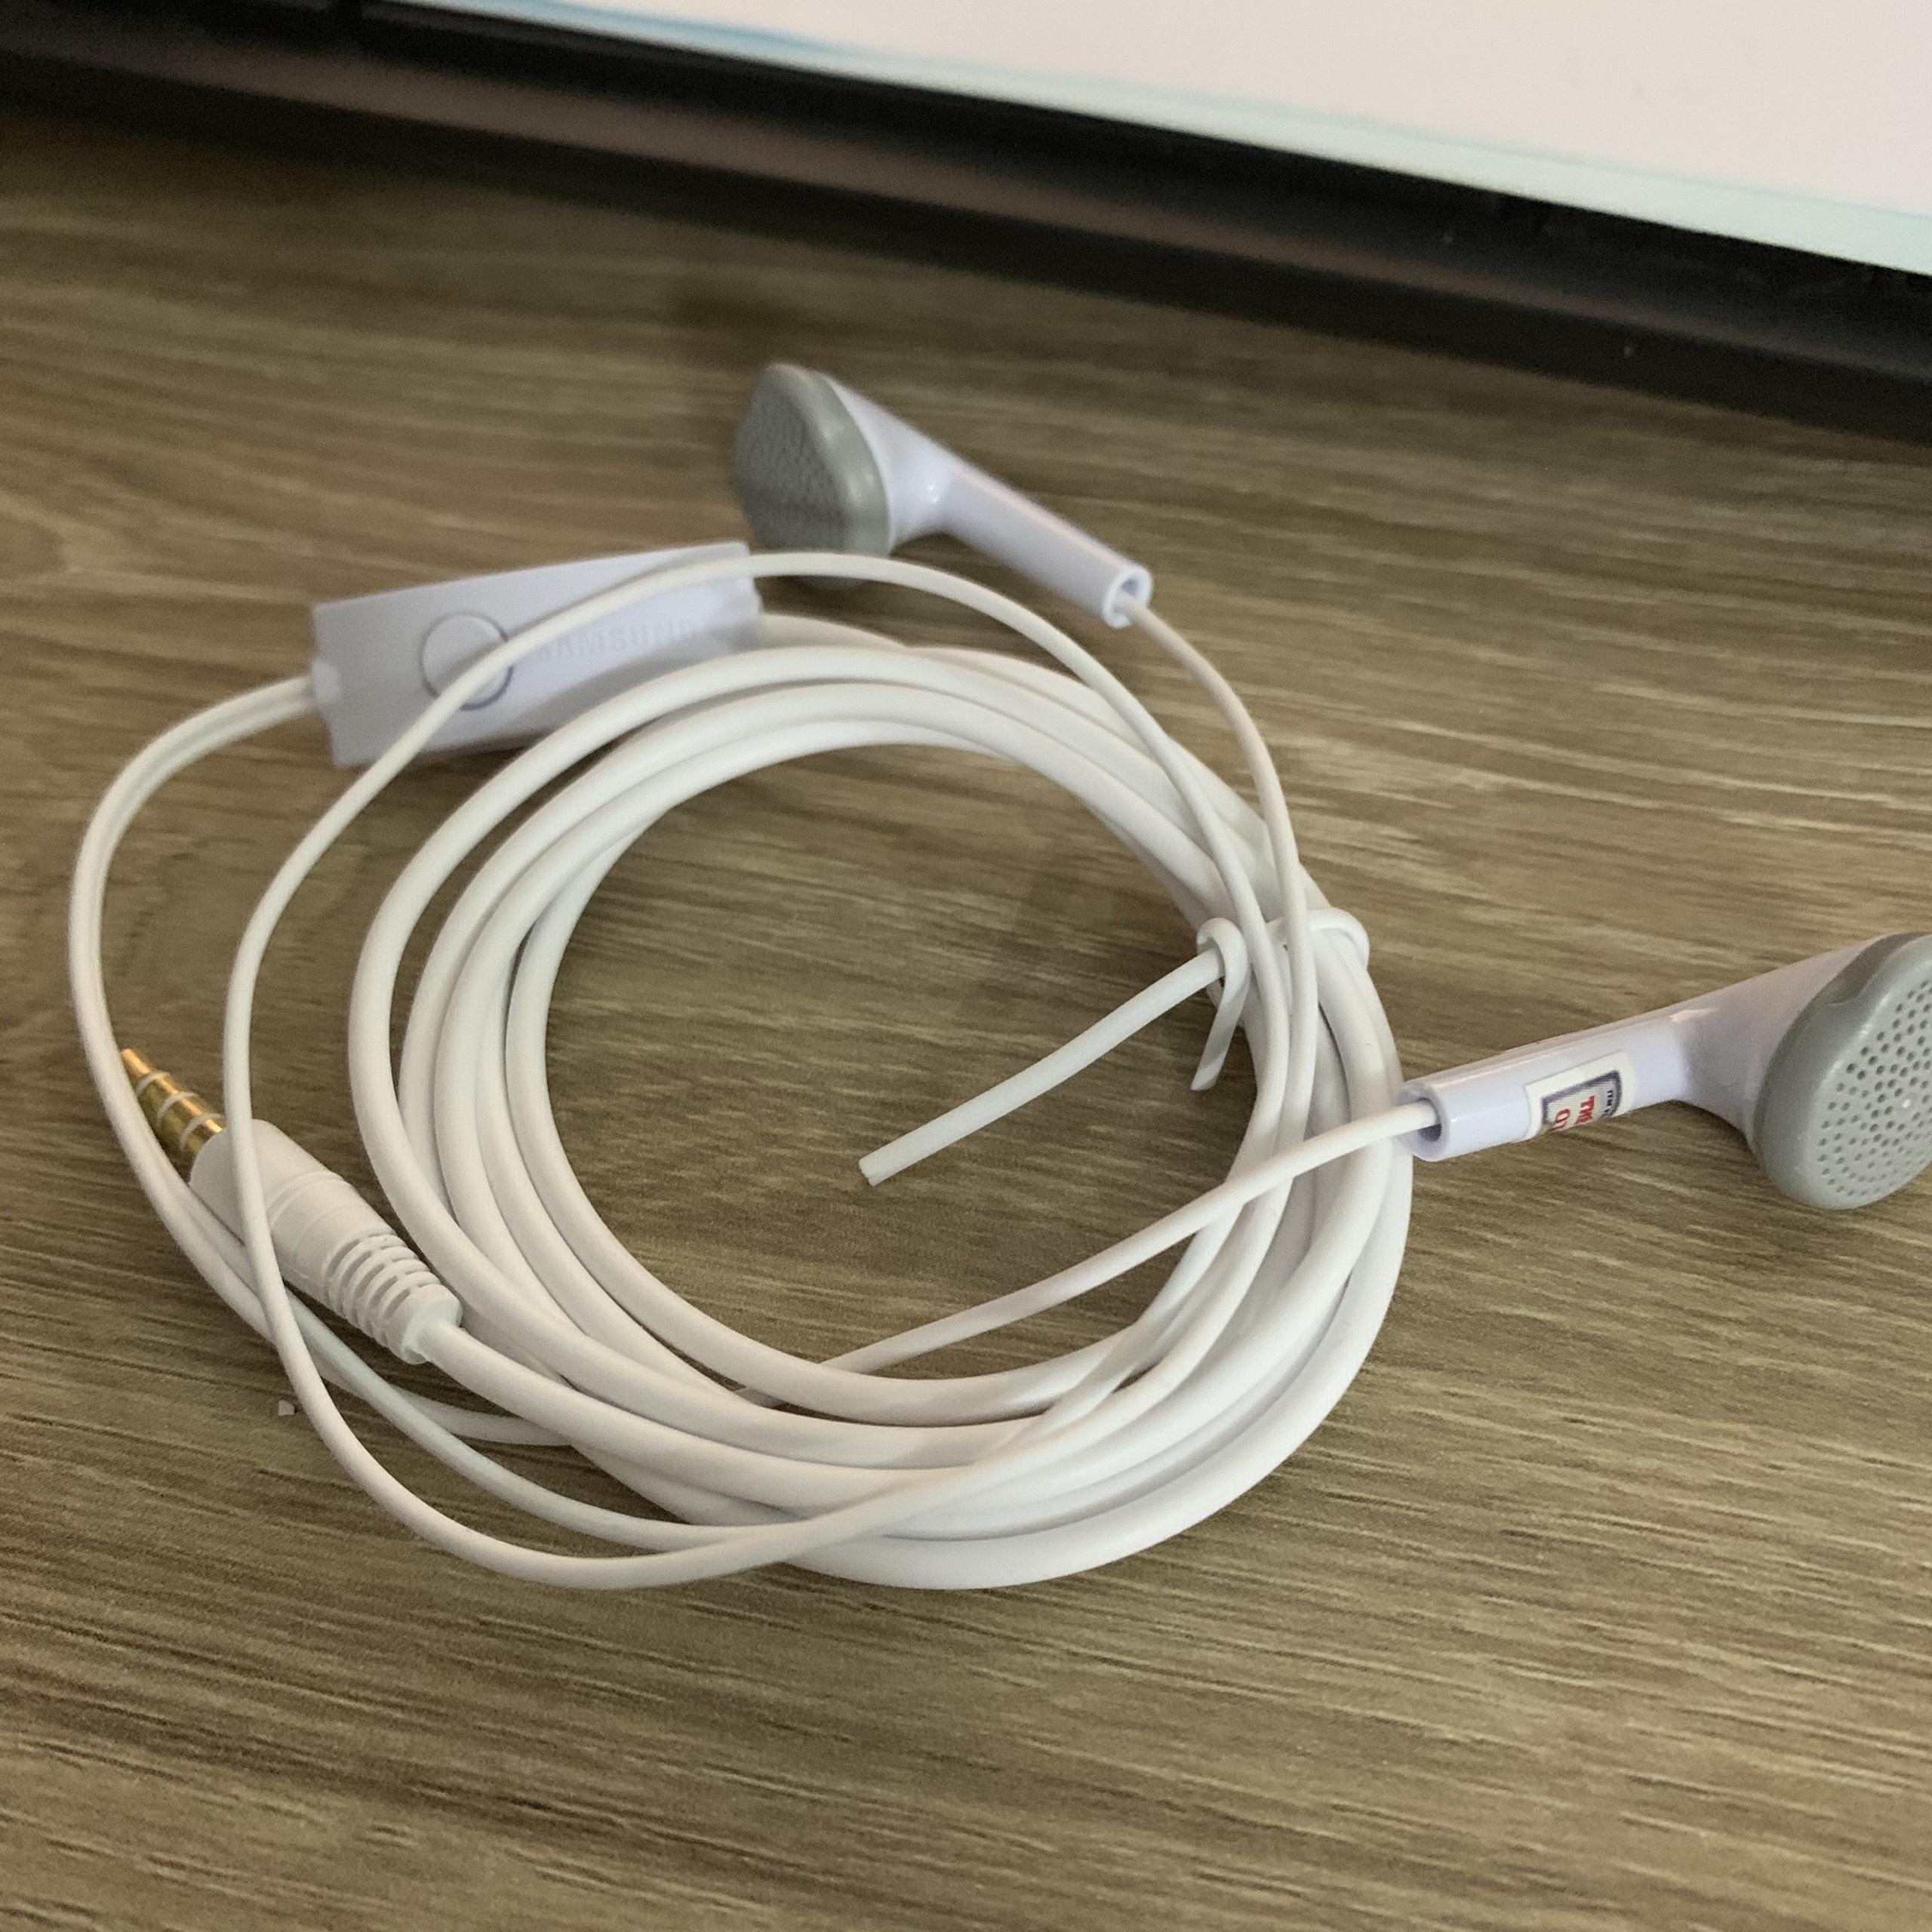 Tai nghe chân 3,5mm S5830 dùng cho điện thoại